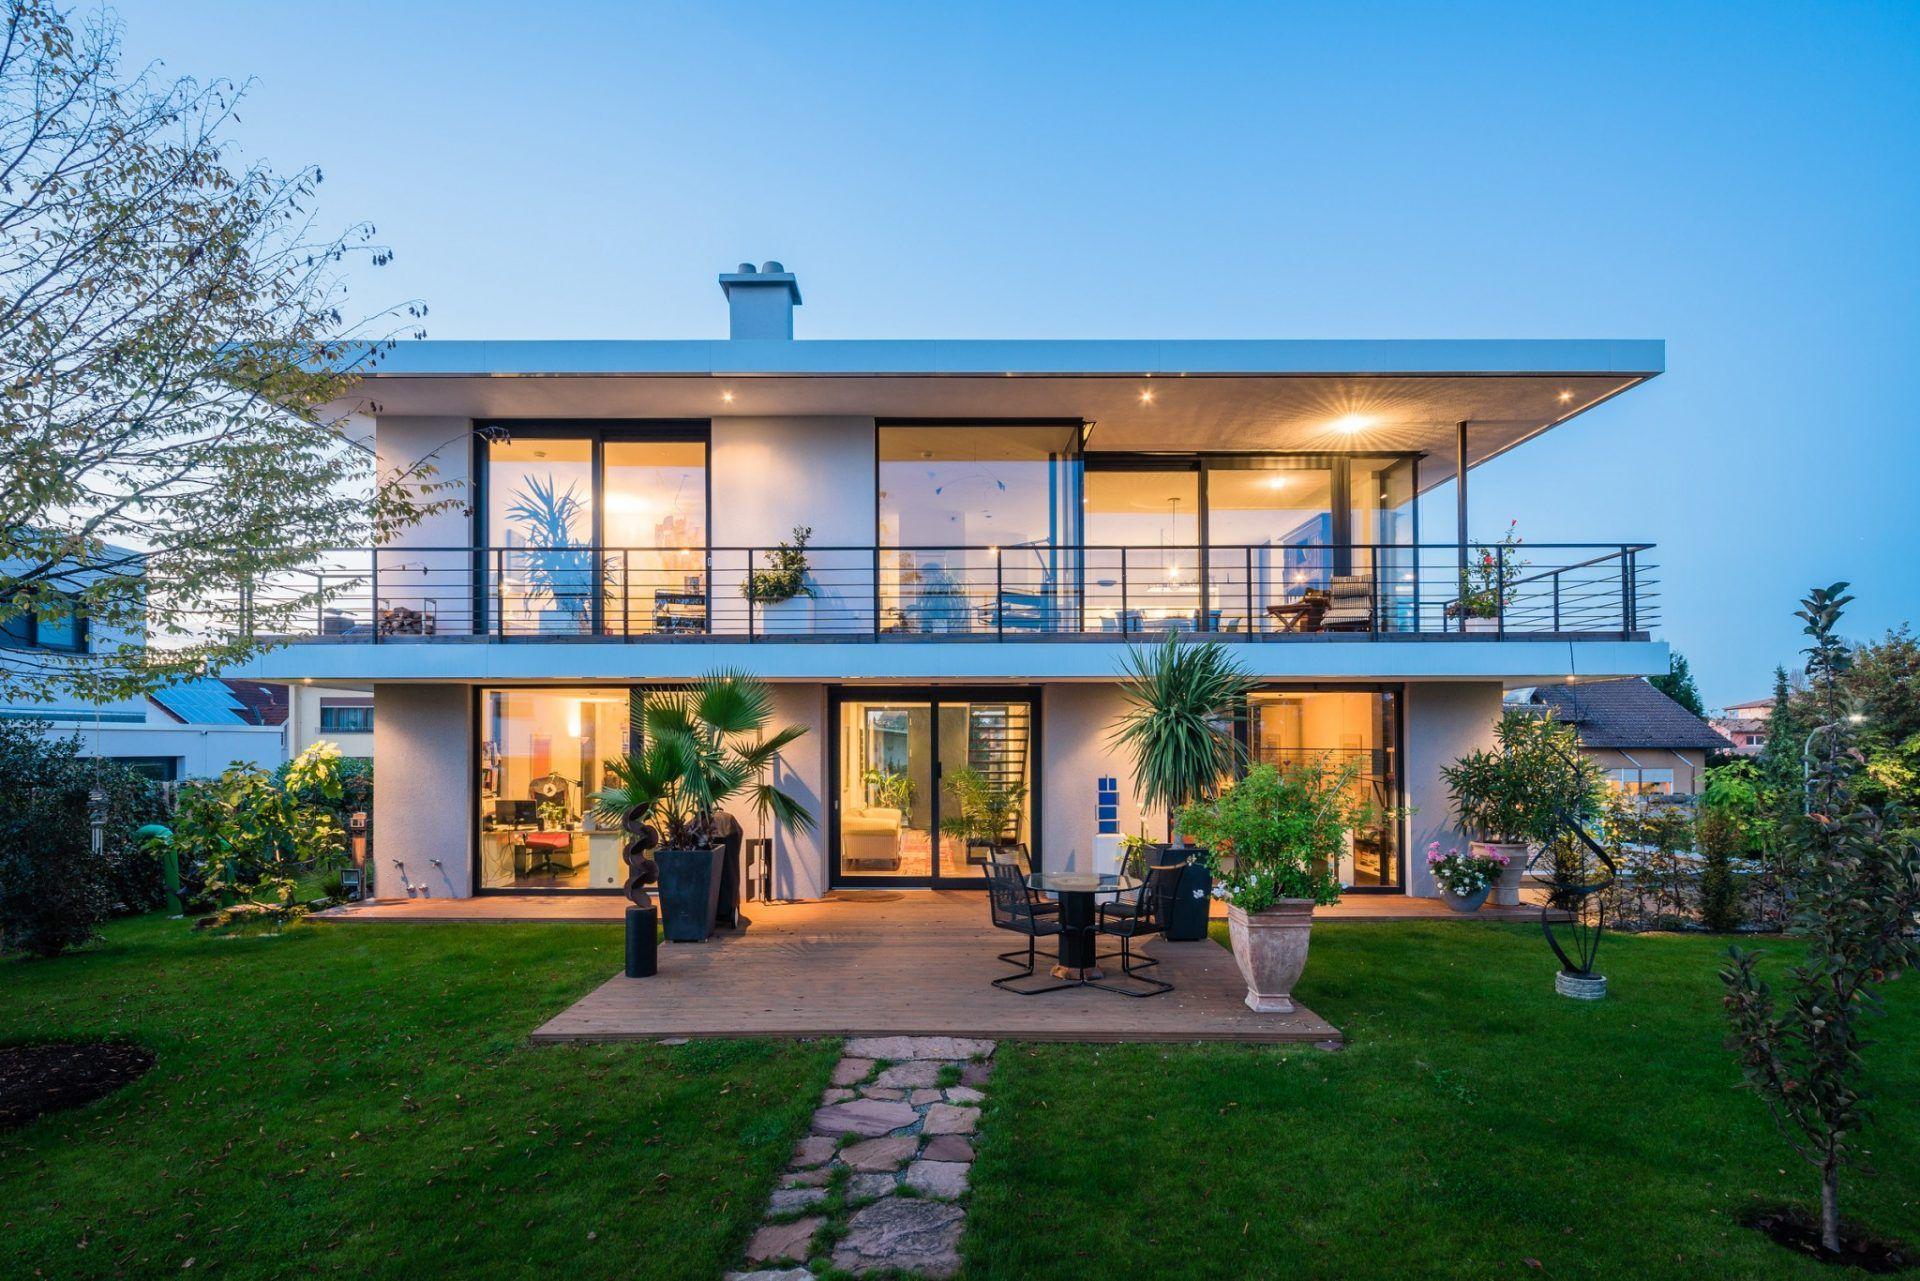 Wundervoll Architekten Häuser Ideen Von Helwig + Raum Planungs Gmbh – Architekt